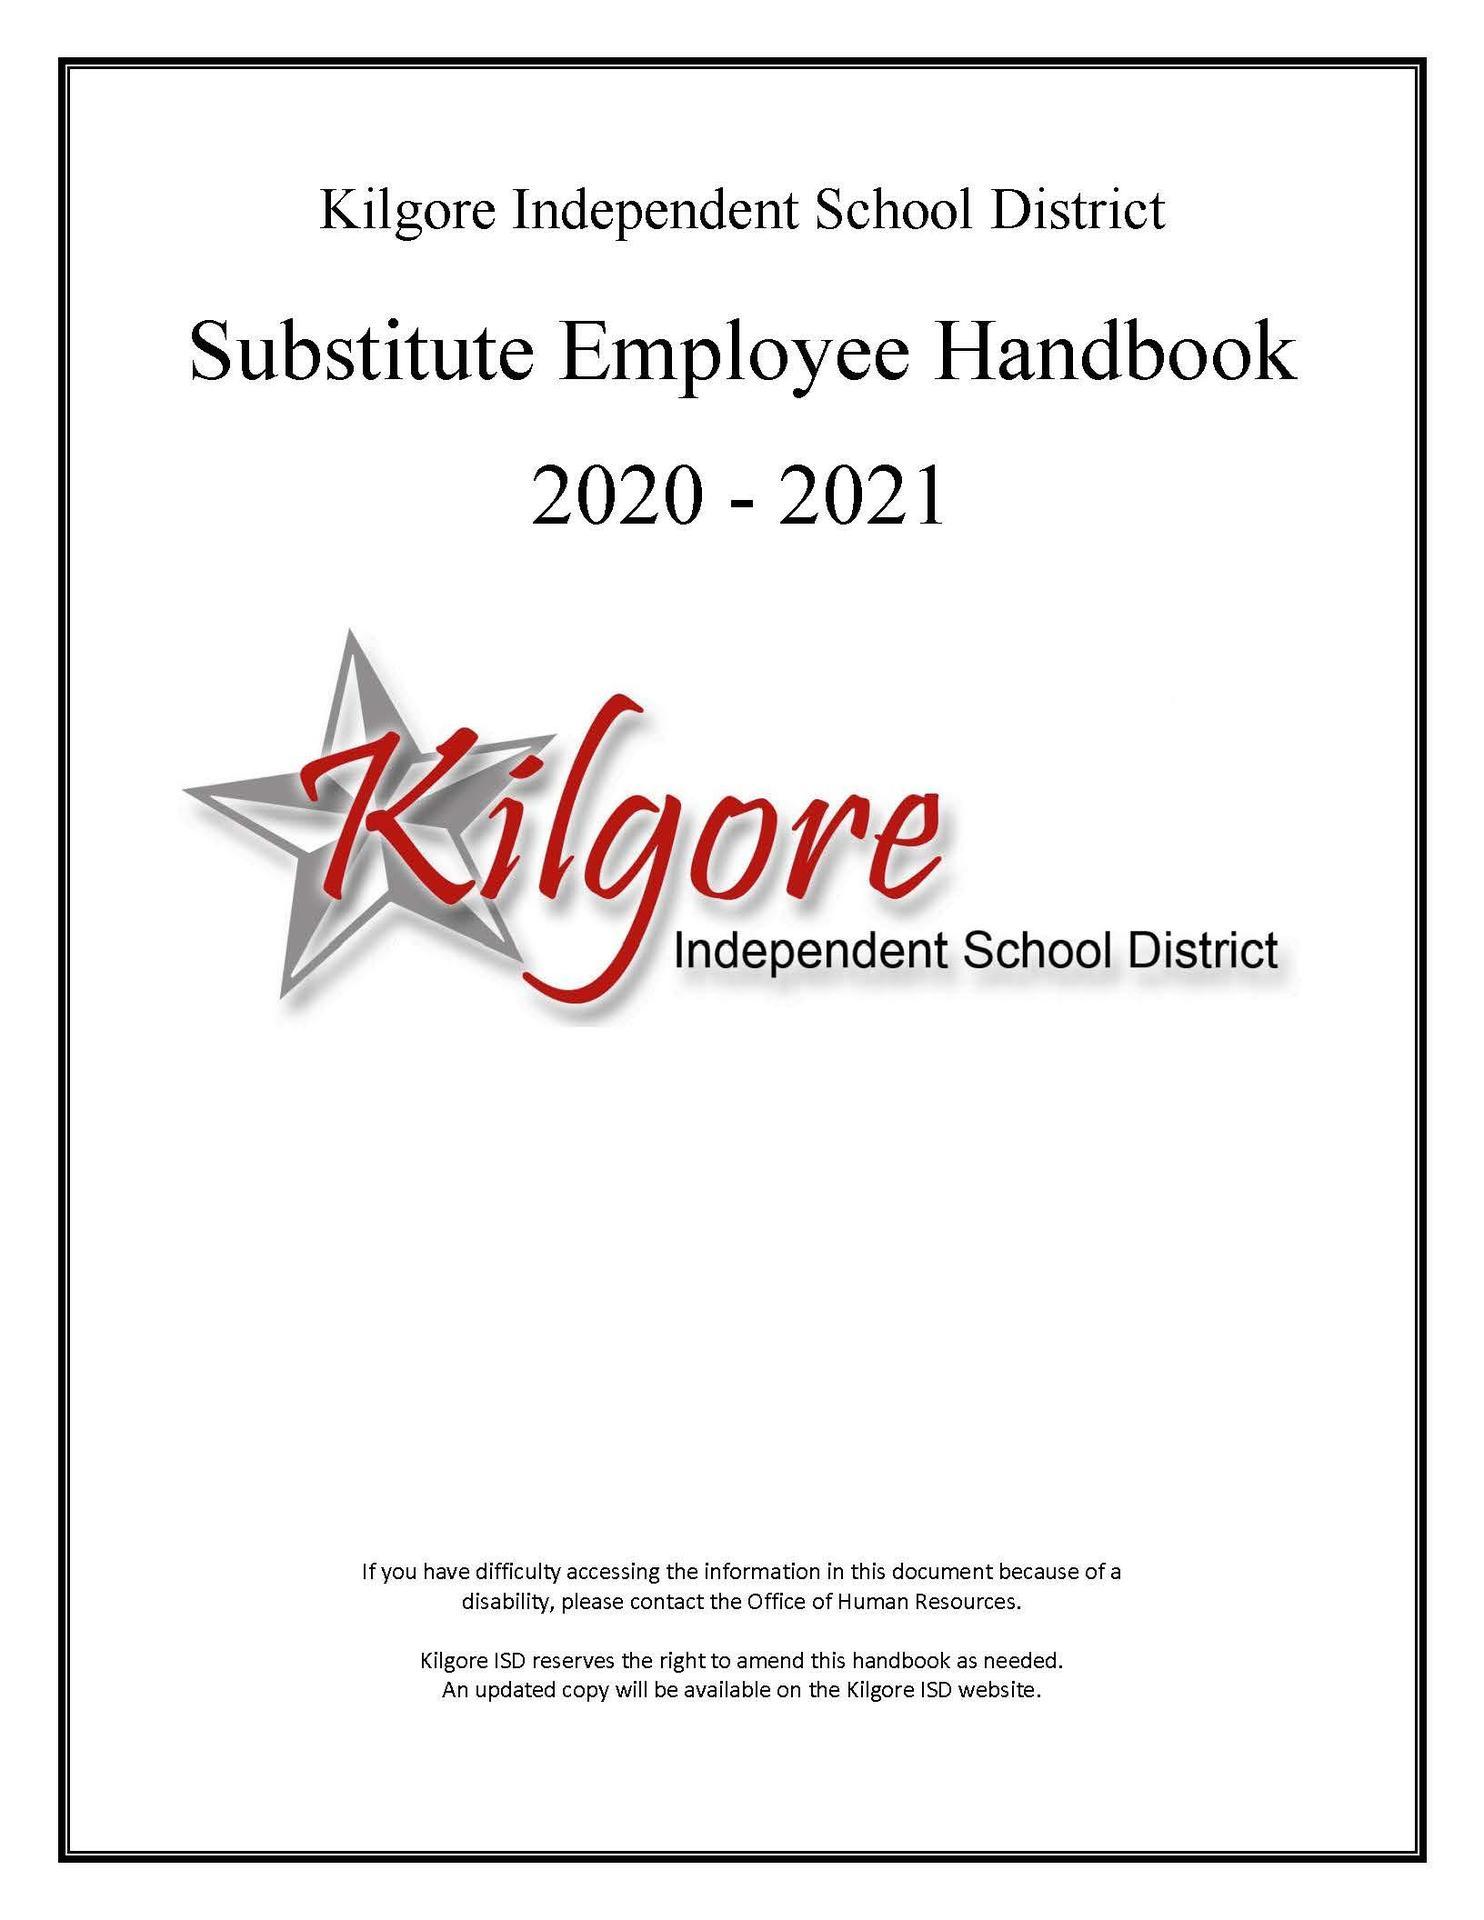 2020-2021 Substitute Handbook